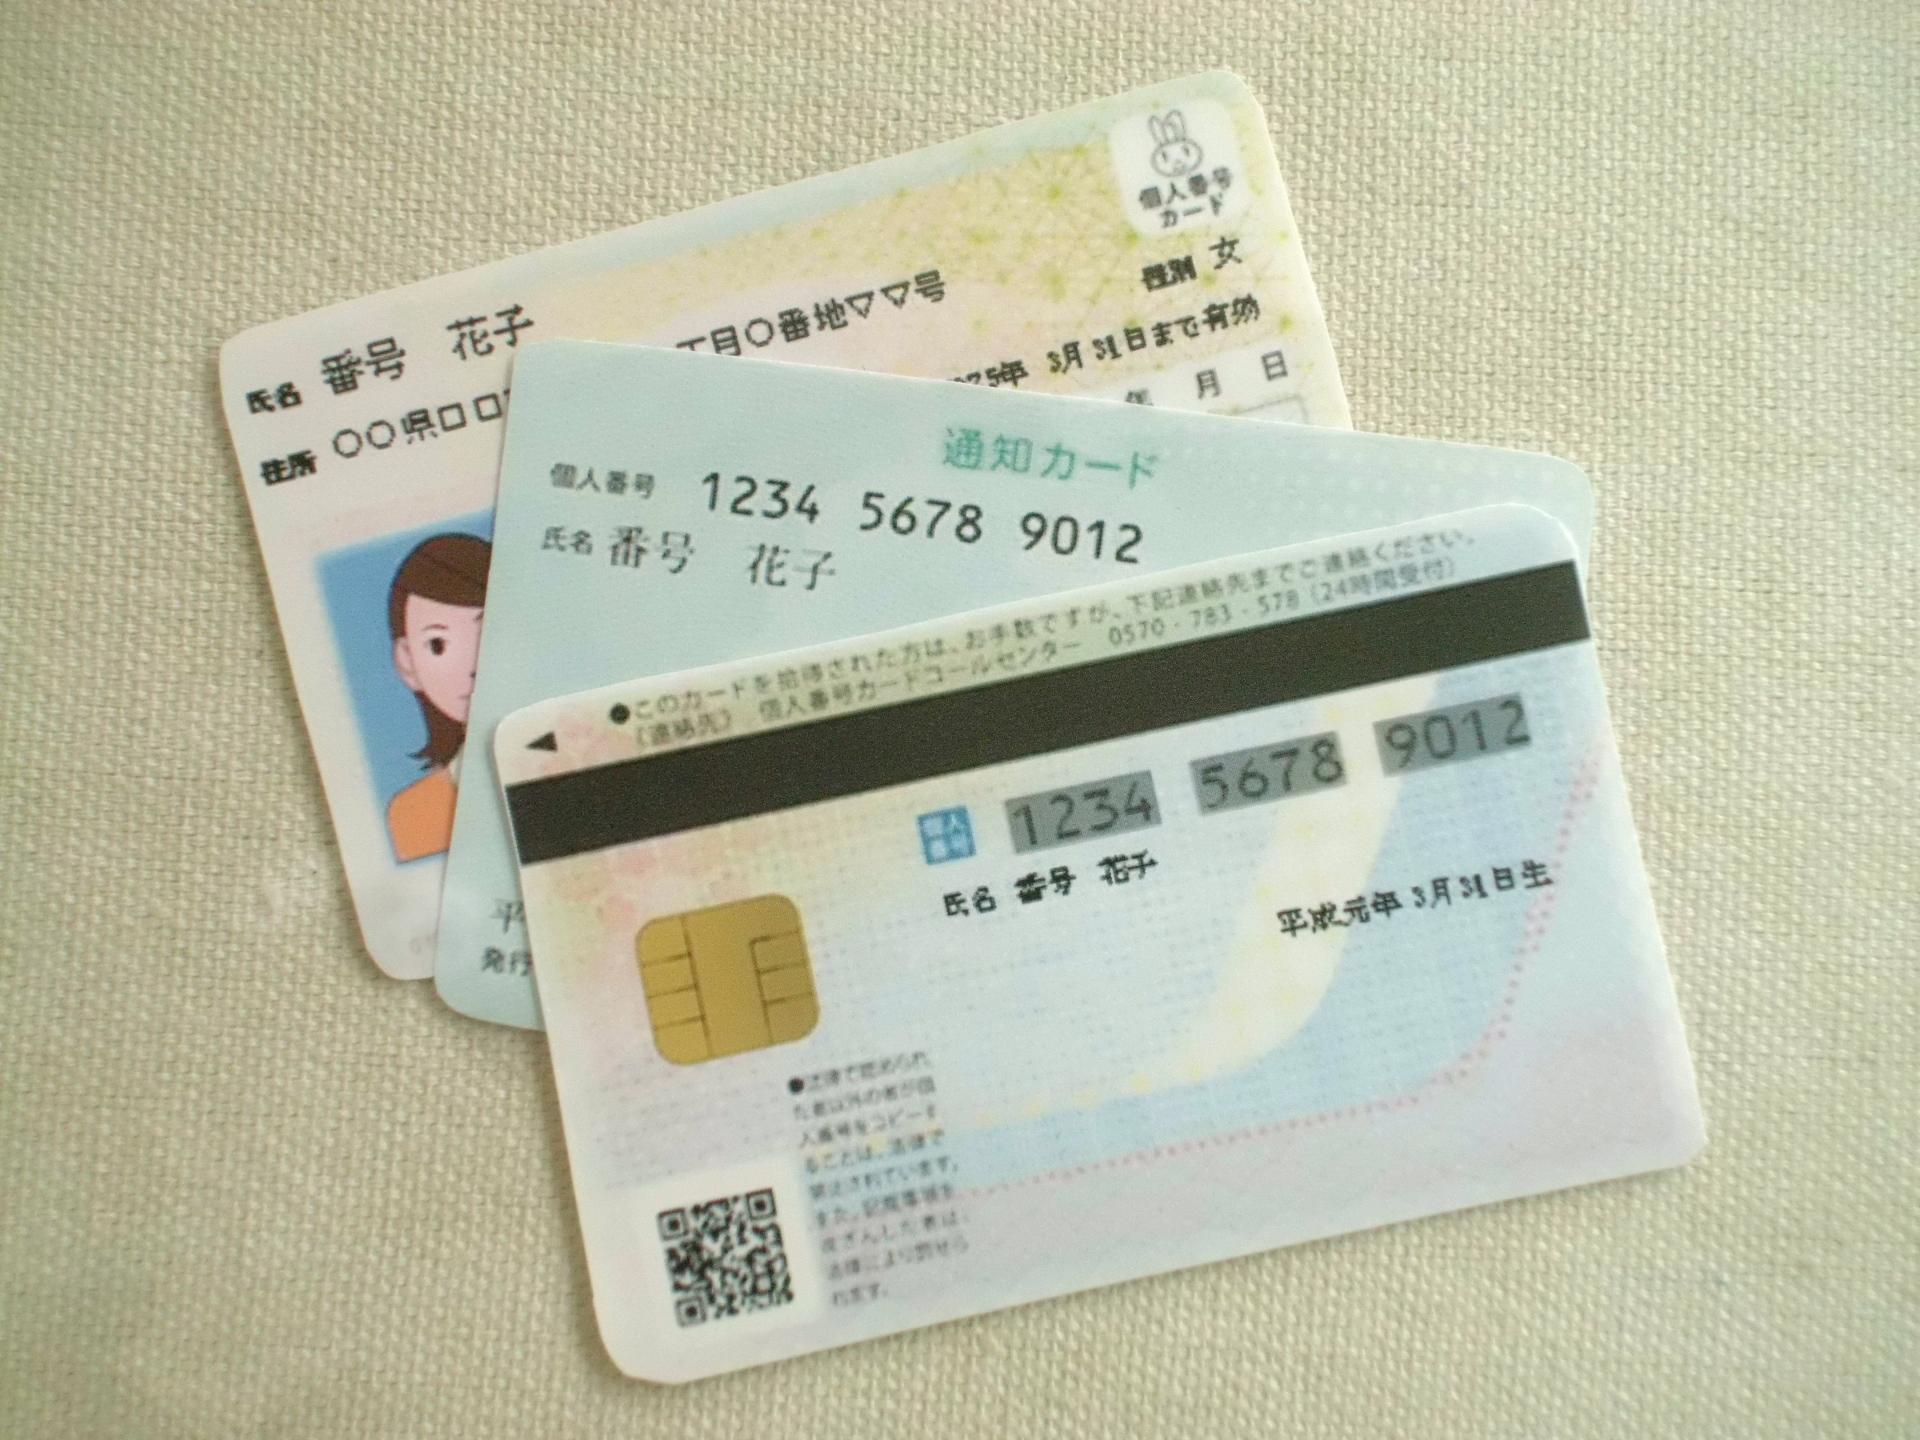 住宅購入は【マイナンバーカード】があると便利ですよ